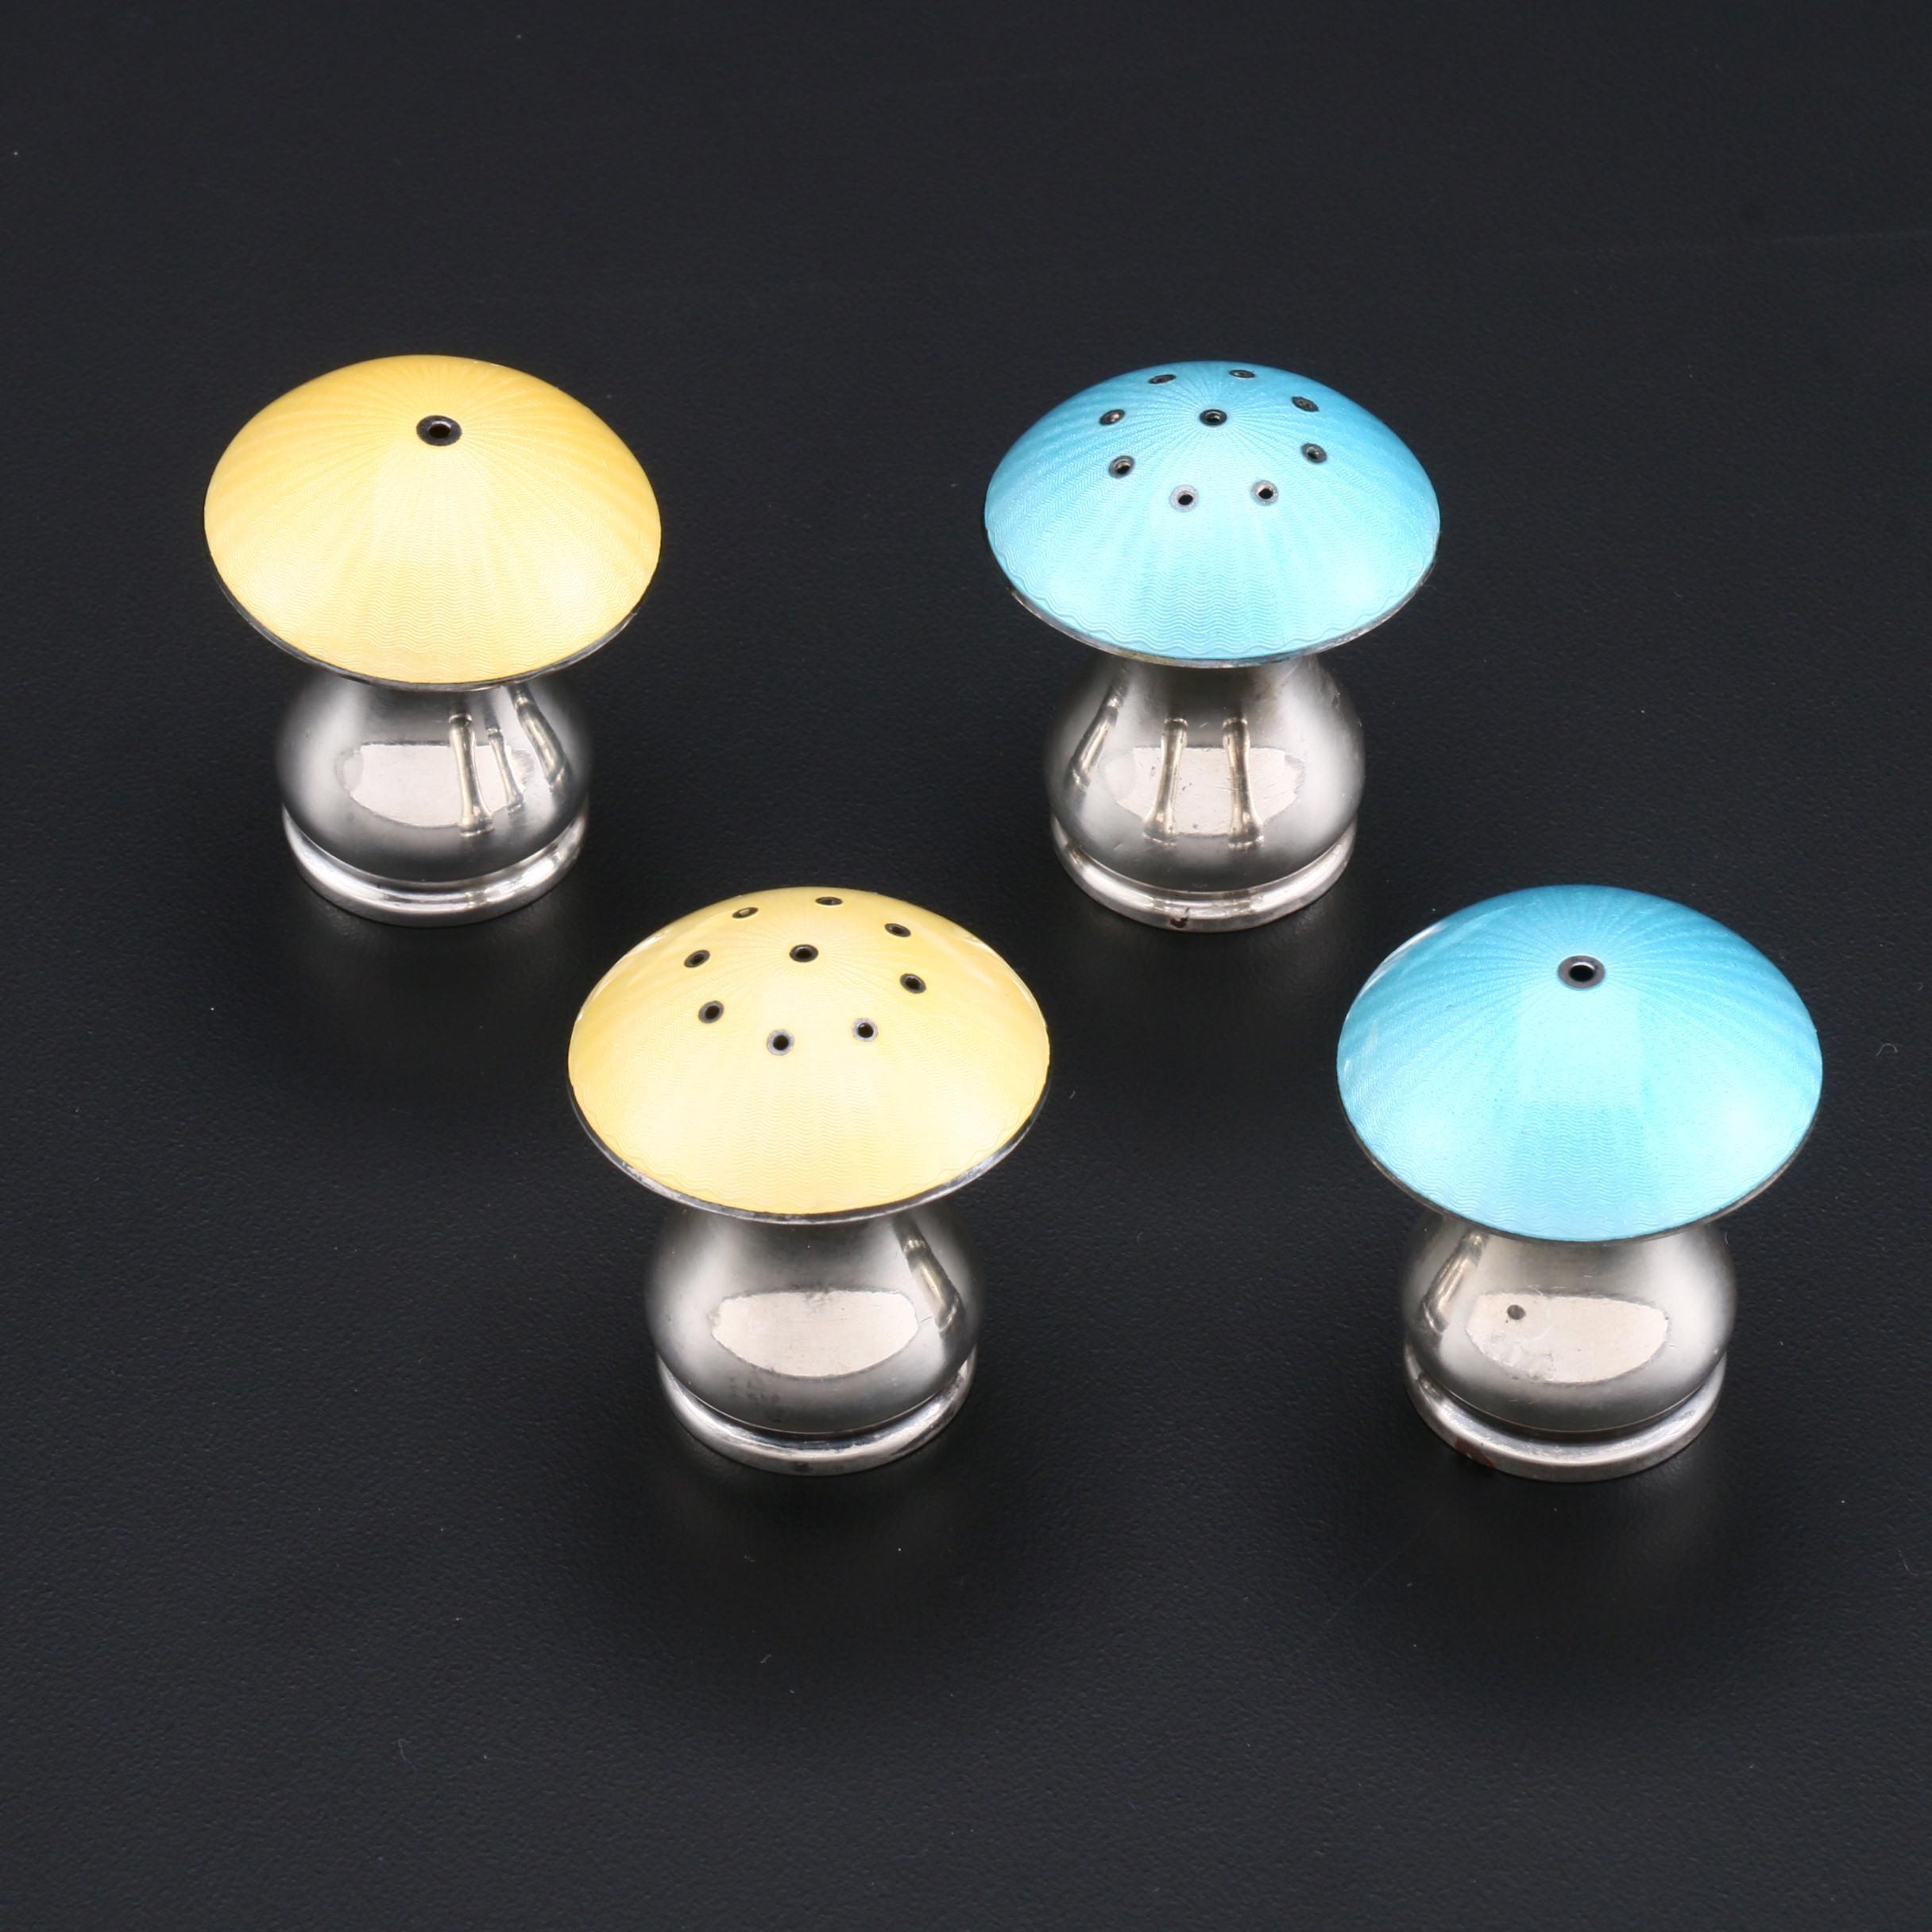 Ela Denmark Sterling Silver Enameled Mushroom Salt and Pepper Shakers